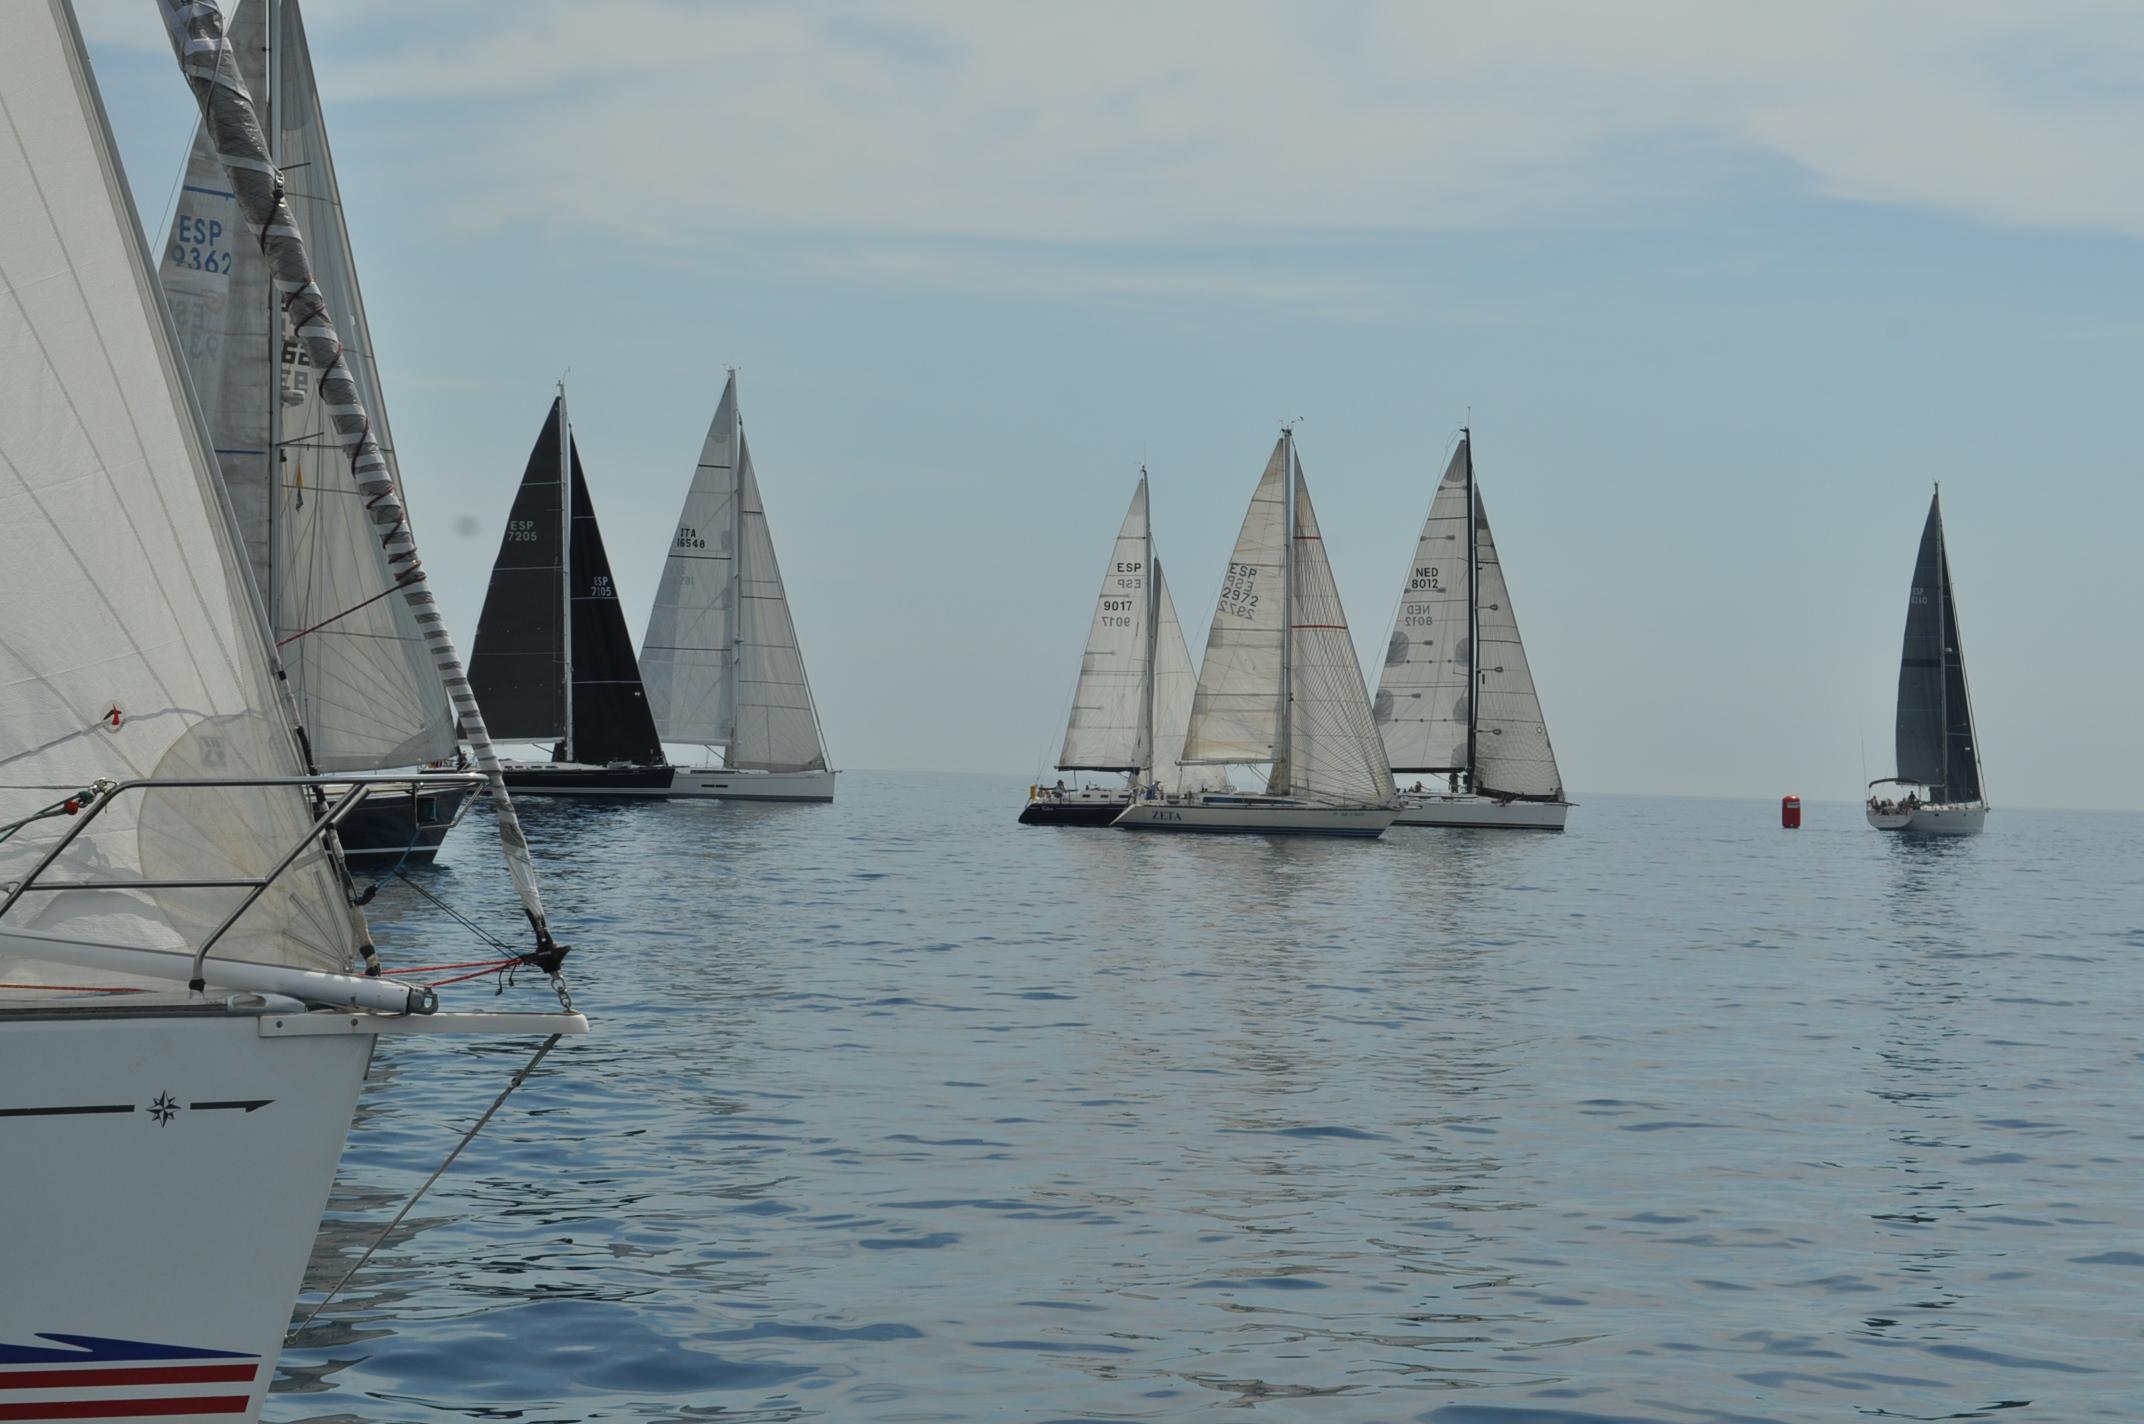 La regata Sitges-Ciutadella ha salido este viernes del Port de Sitges